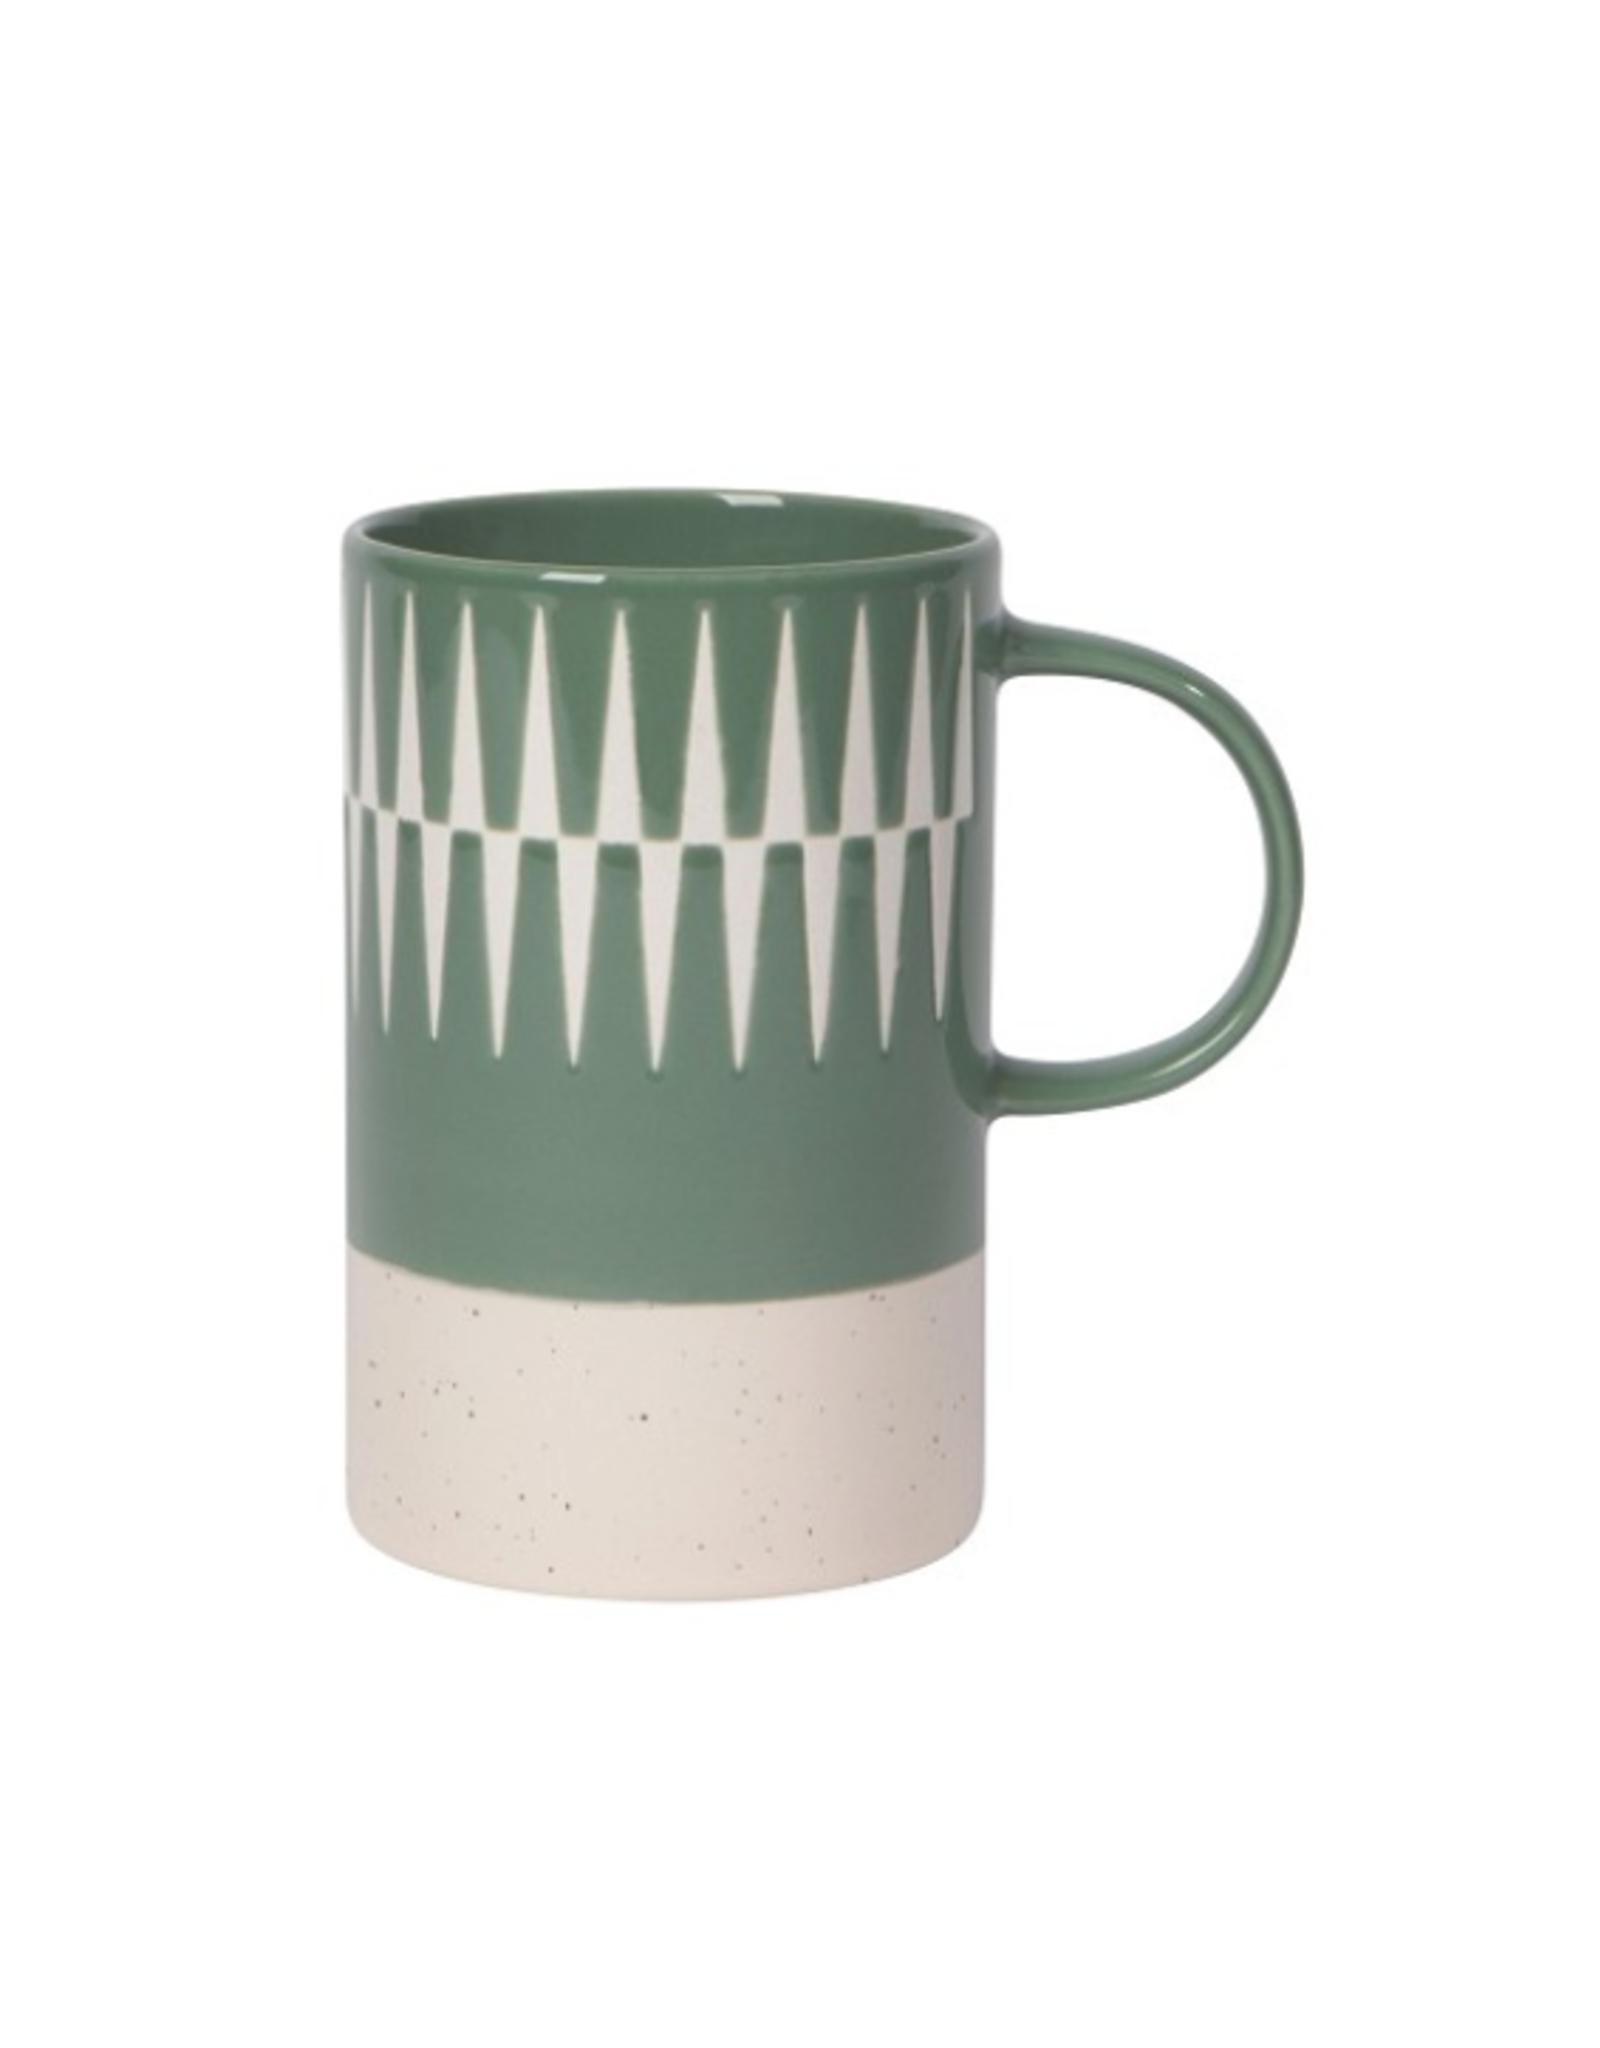 DCA - Mug/Modern Glaze, Vine